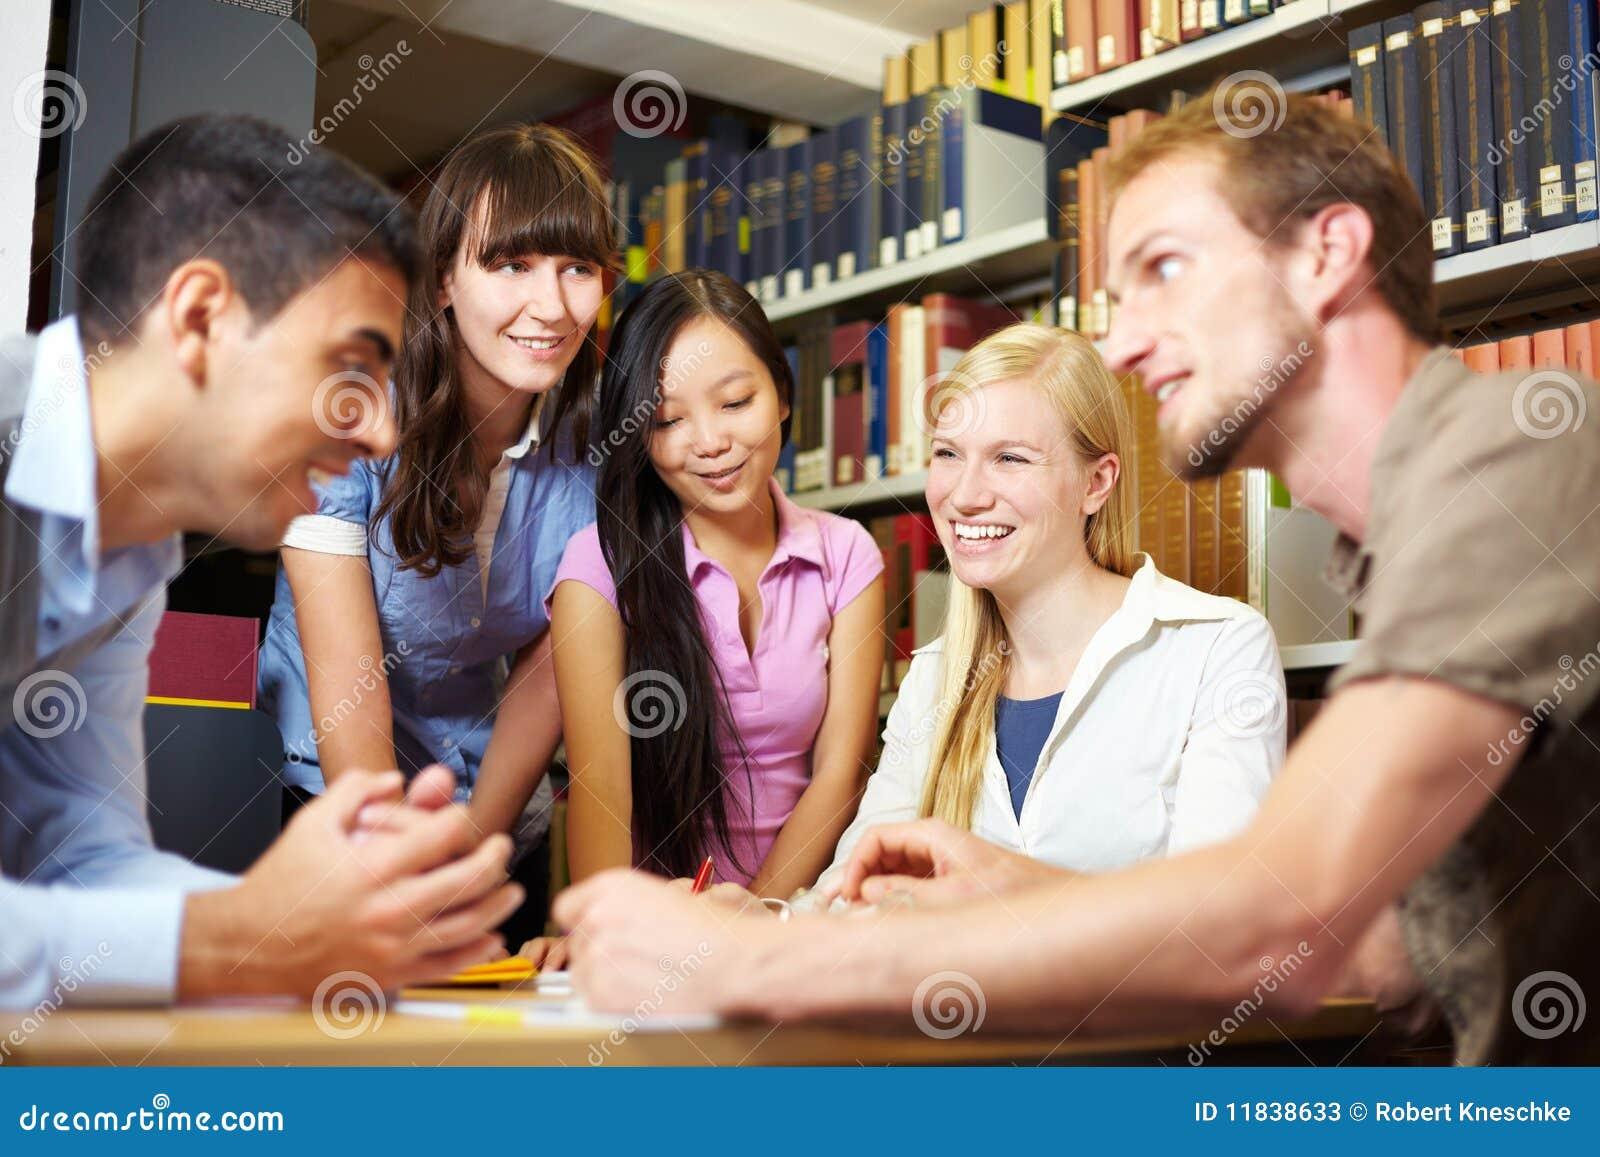 Рассказы студенты и фото 3 фотография